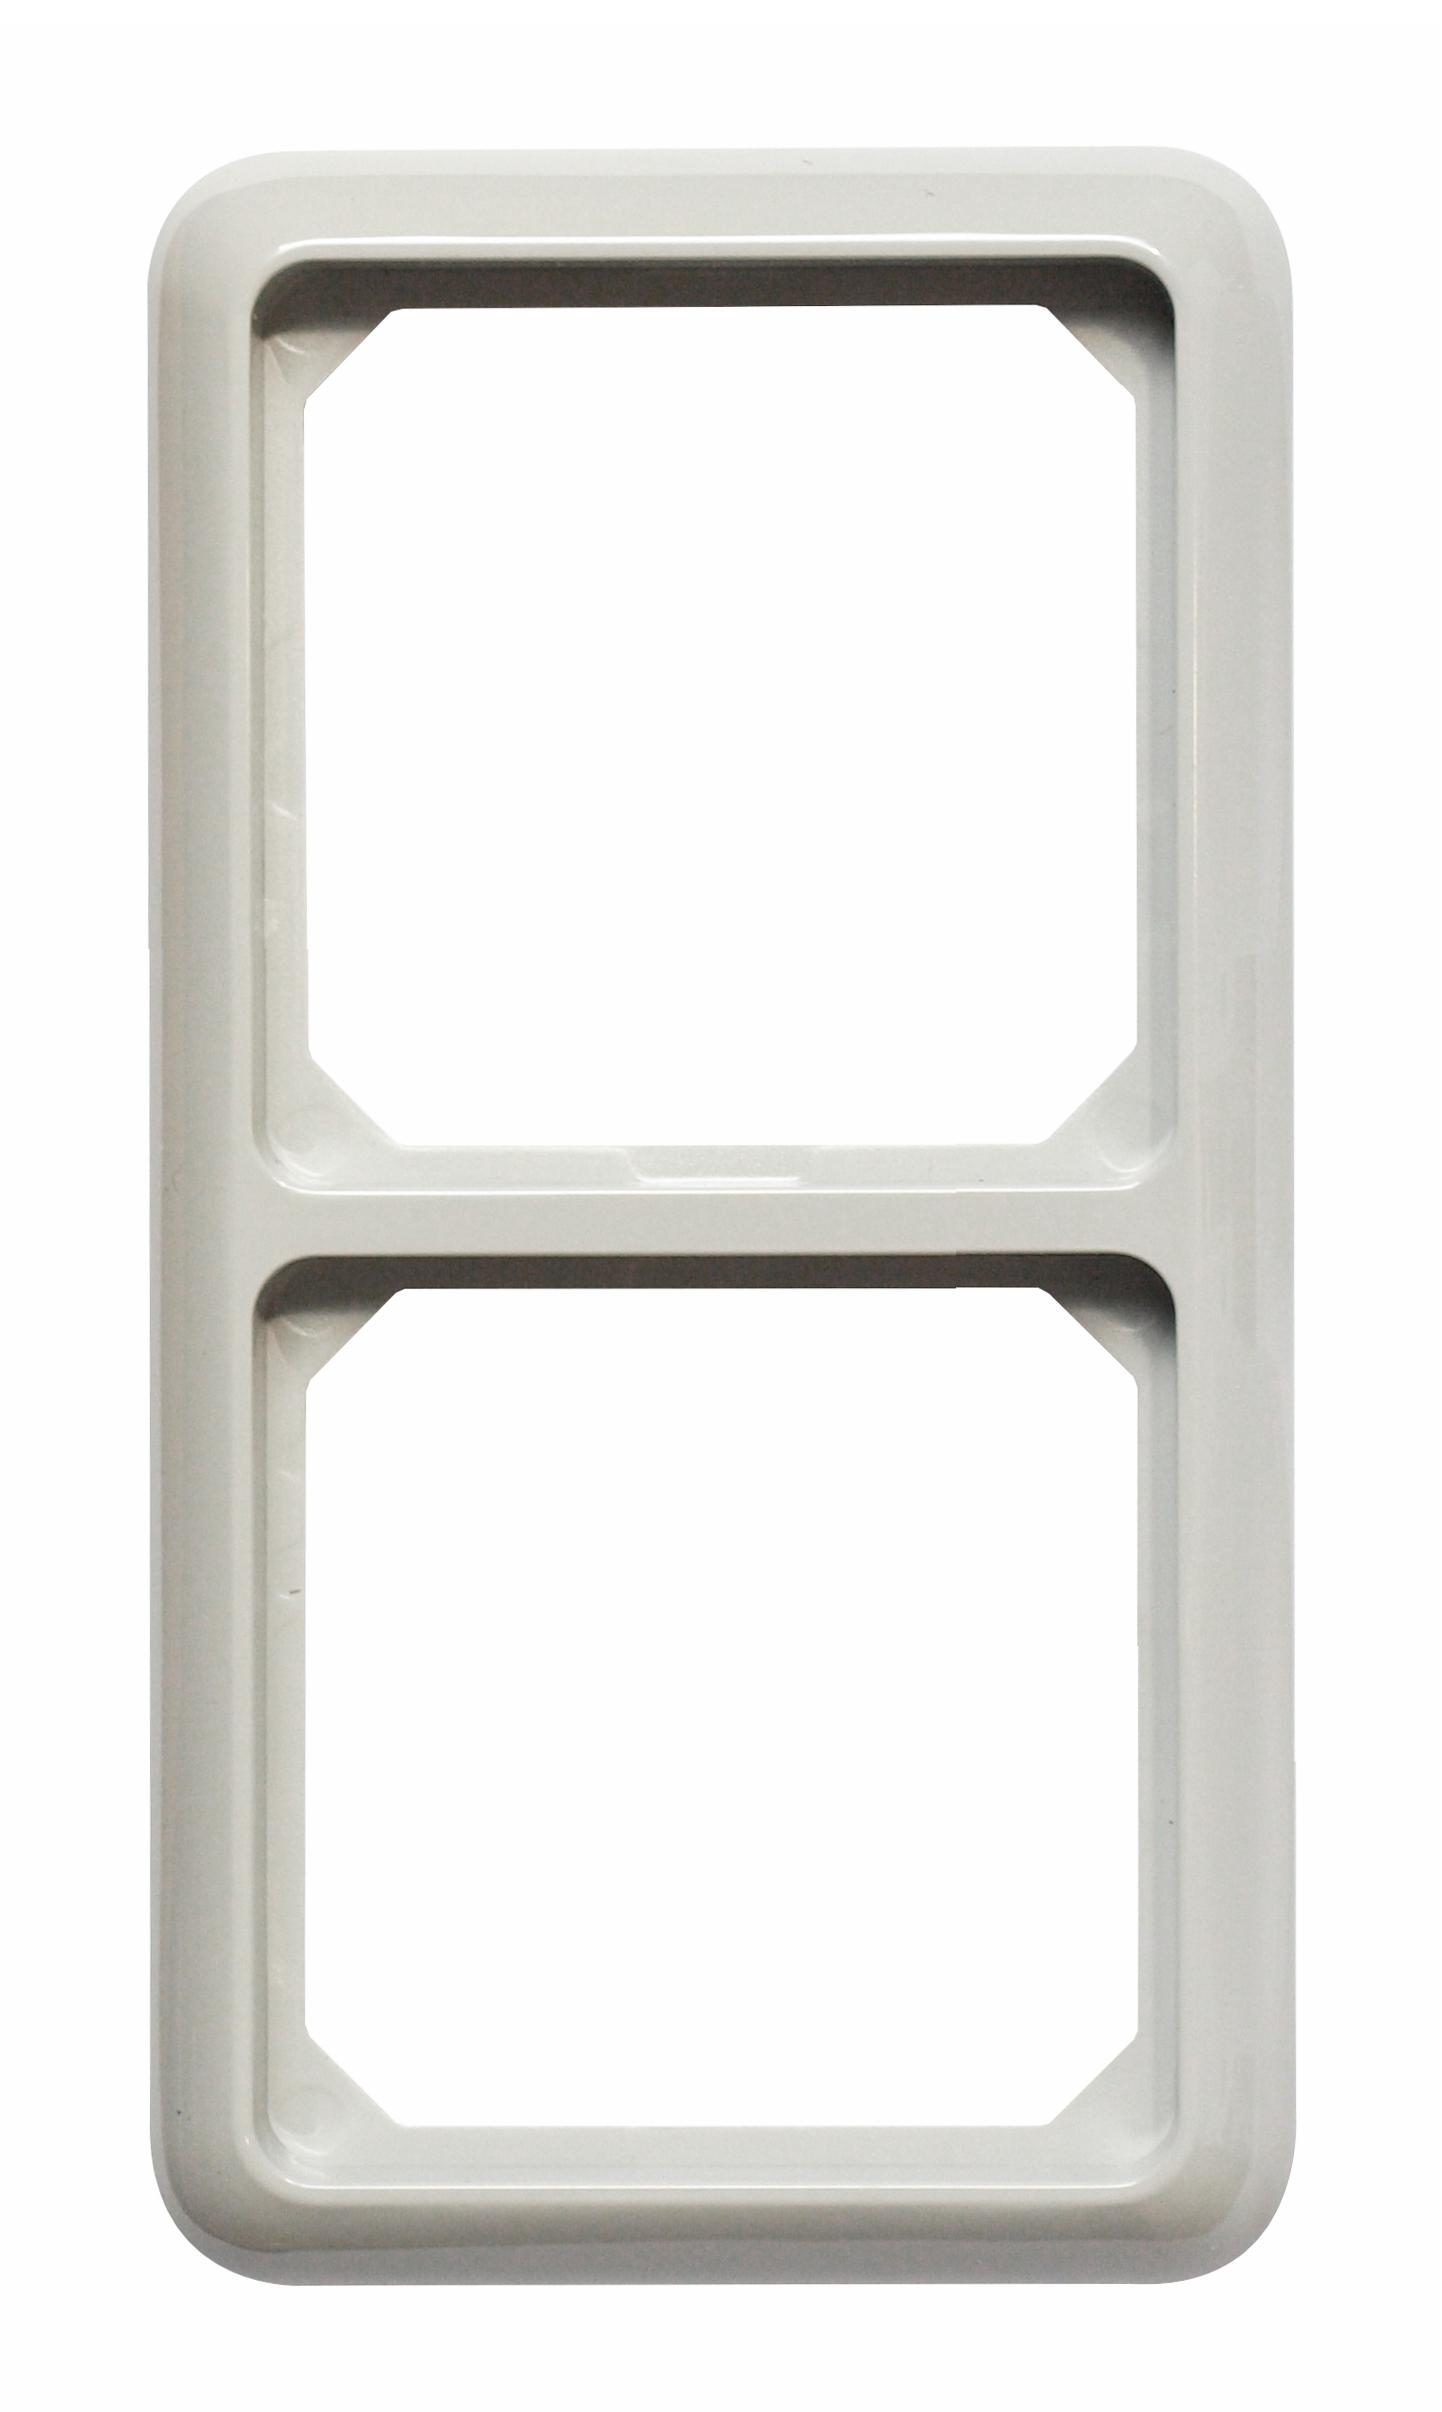 1 Stk Rahmen 2-fach IP44, grau EL224241--